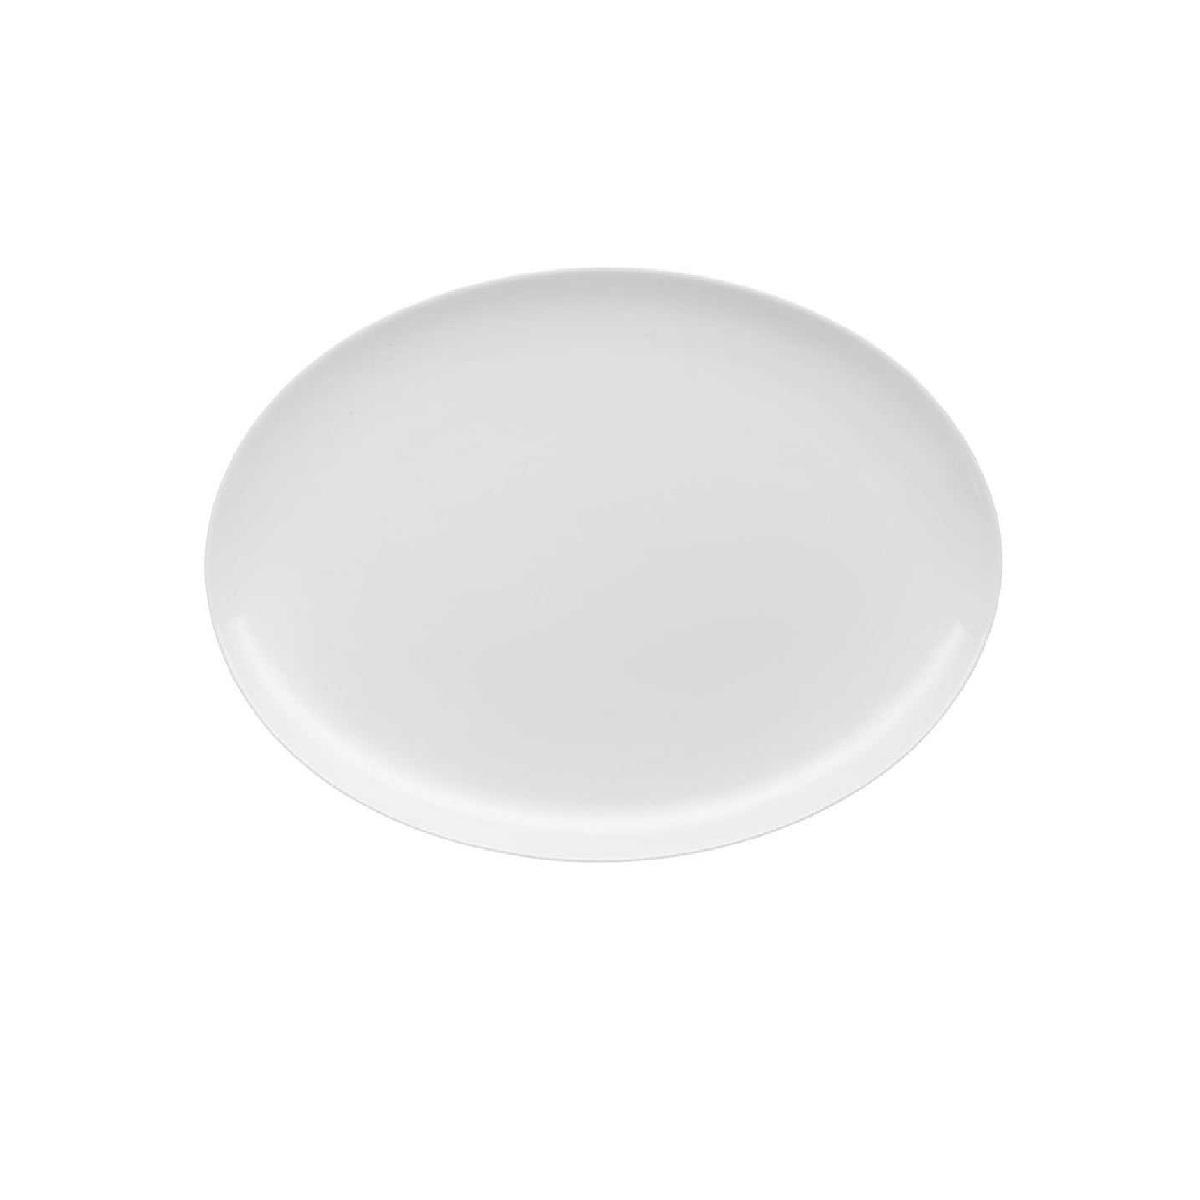 Блюдо овальное фарфоровое Rosenthal JADE, длина 30 см, белый Rosenthal 61040-800001-12730 фото 2